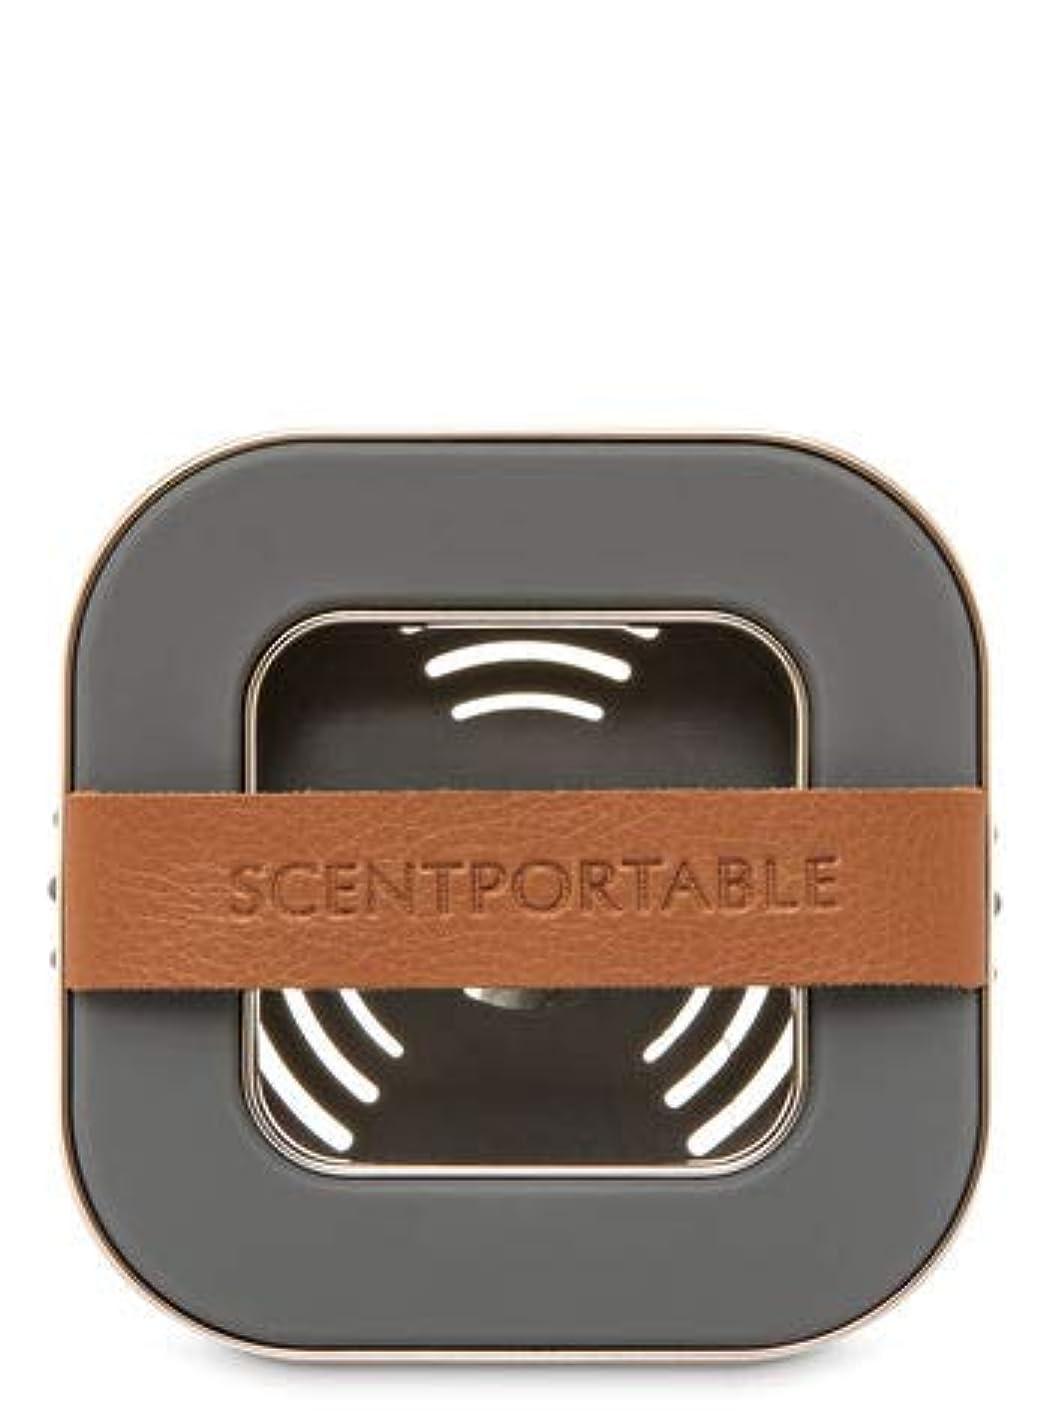 ライム数学者有益【Bath&Body Works/バス&ボディワークス】 車用芳香剤 セントポータブル ホルダー (本体ケースのみ) バンドレザー Scentportable Holder Banded Leather Beveled Square Vent Clip [並行輸入品]